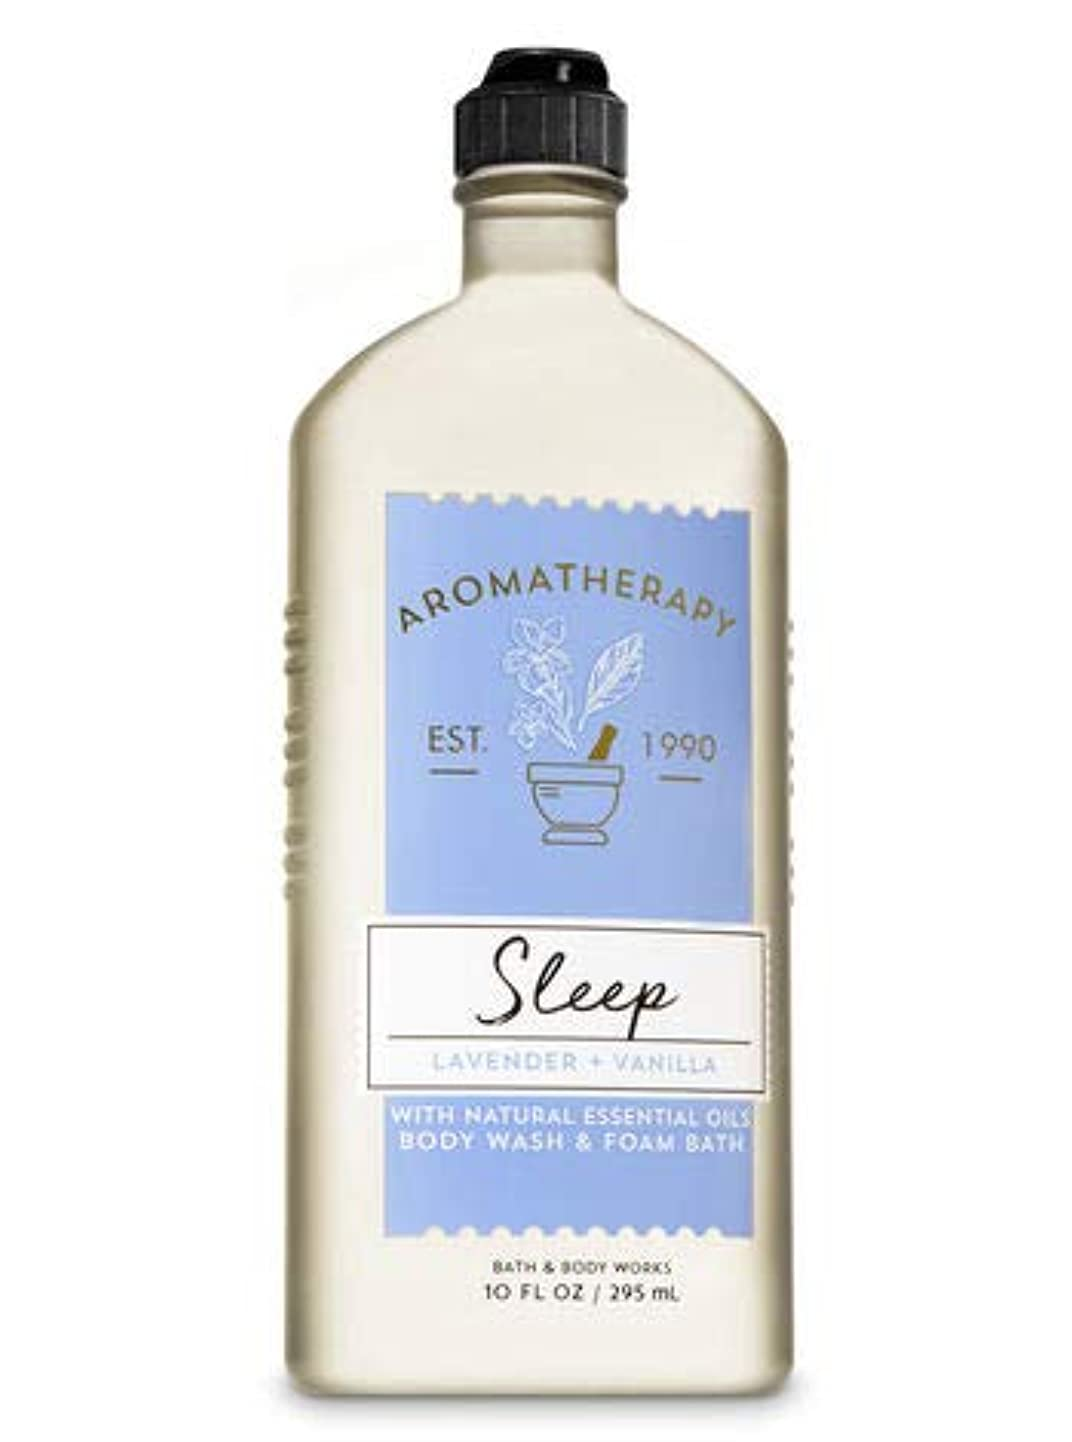 知覚道歯痛【Bath&Body Works/バス&ボディワークス】 ボディウォッシュ&フォームバス アロマセラピー スリープ ラベンダーバニラ Body Wash & Foam Bath Aromatherapy Sleep Lavender Vanilla 10 fl oz / 295 mL [並行輸入品]